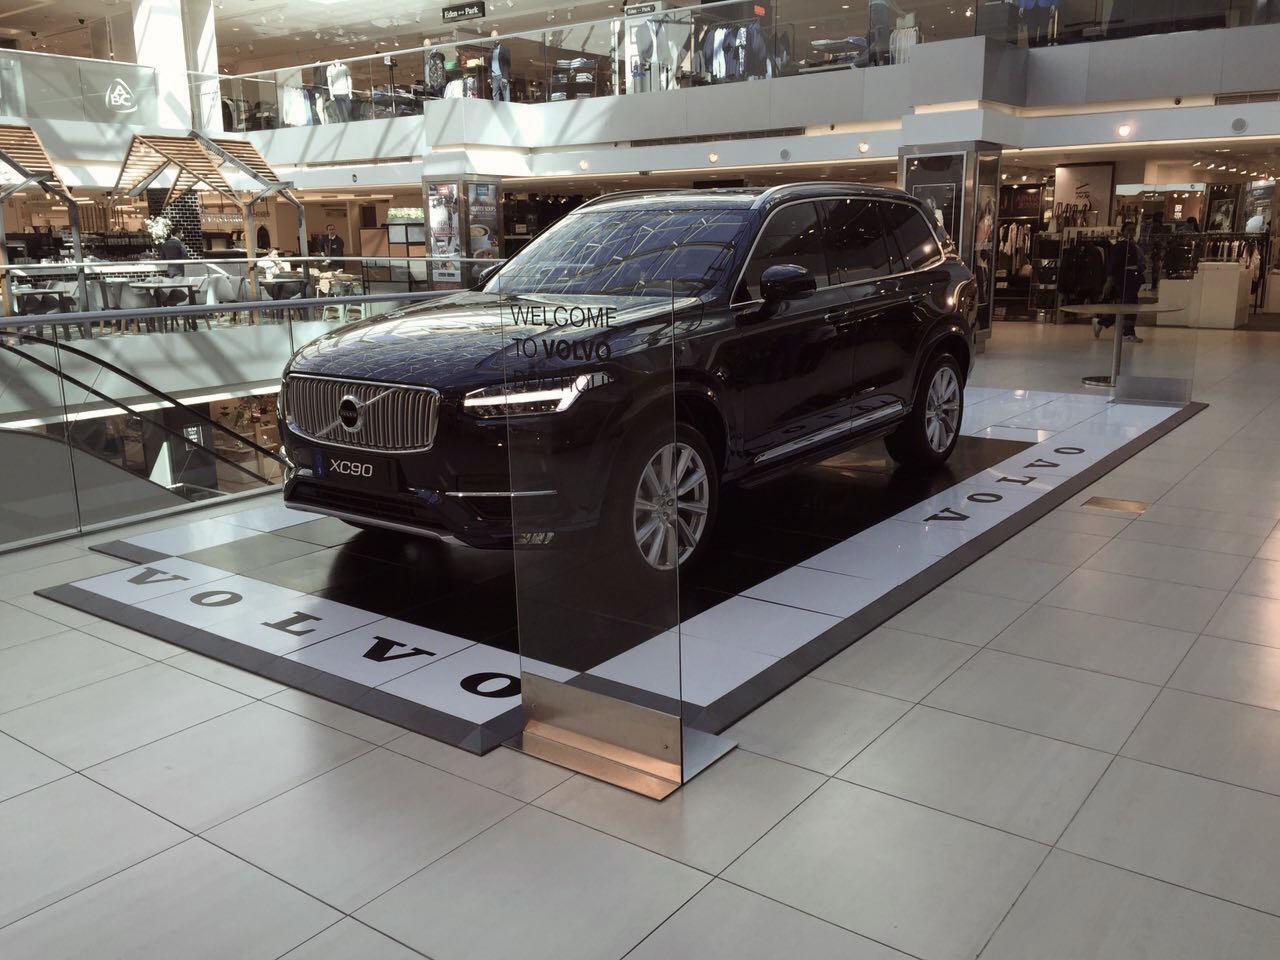 Schwarzes Auto auf bedruckbaren Bodendisplay